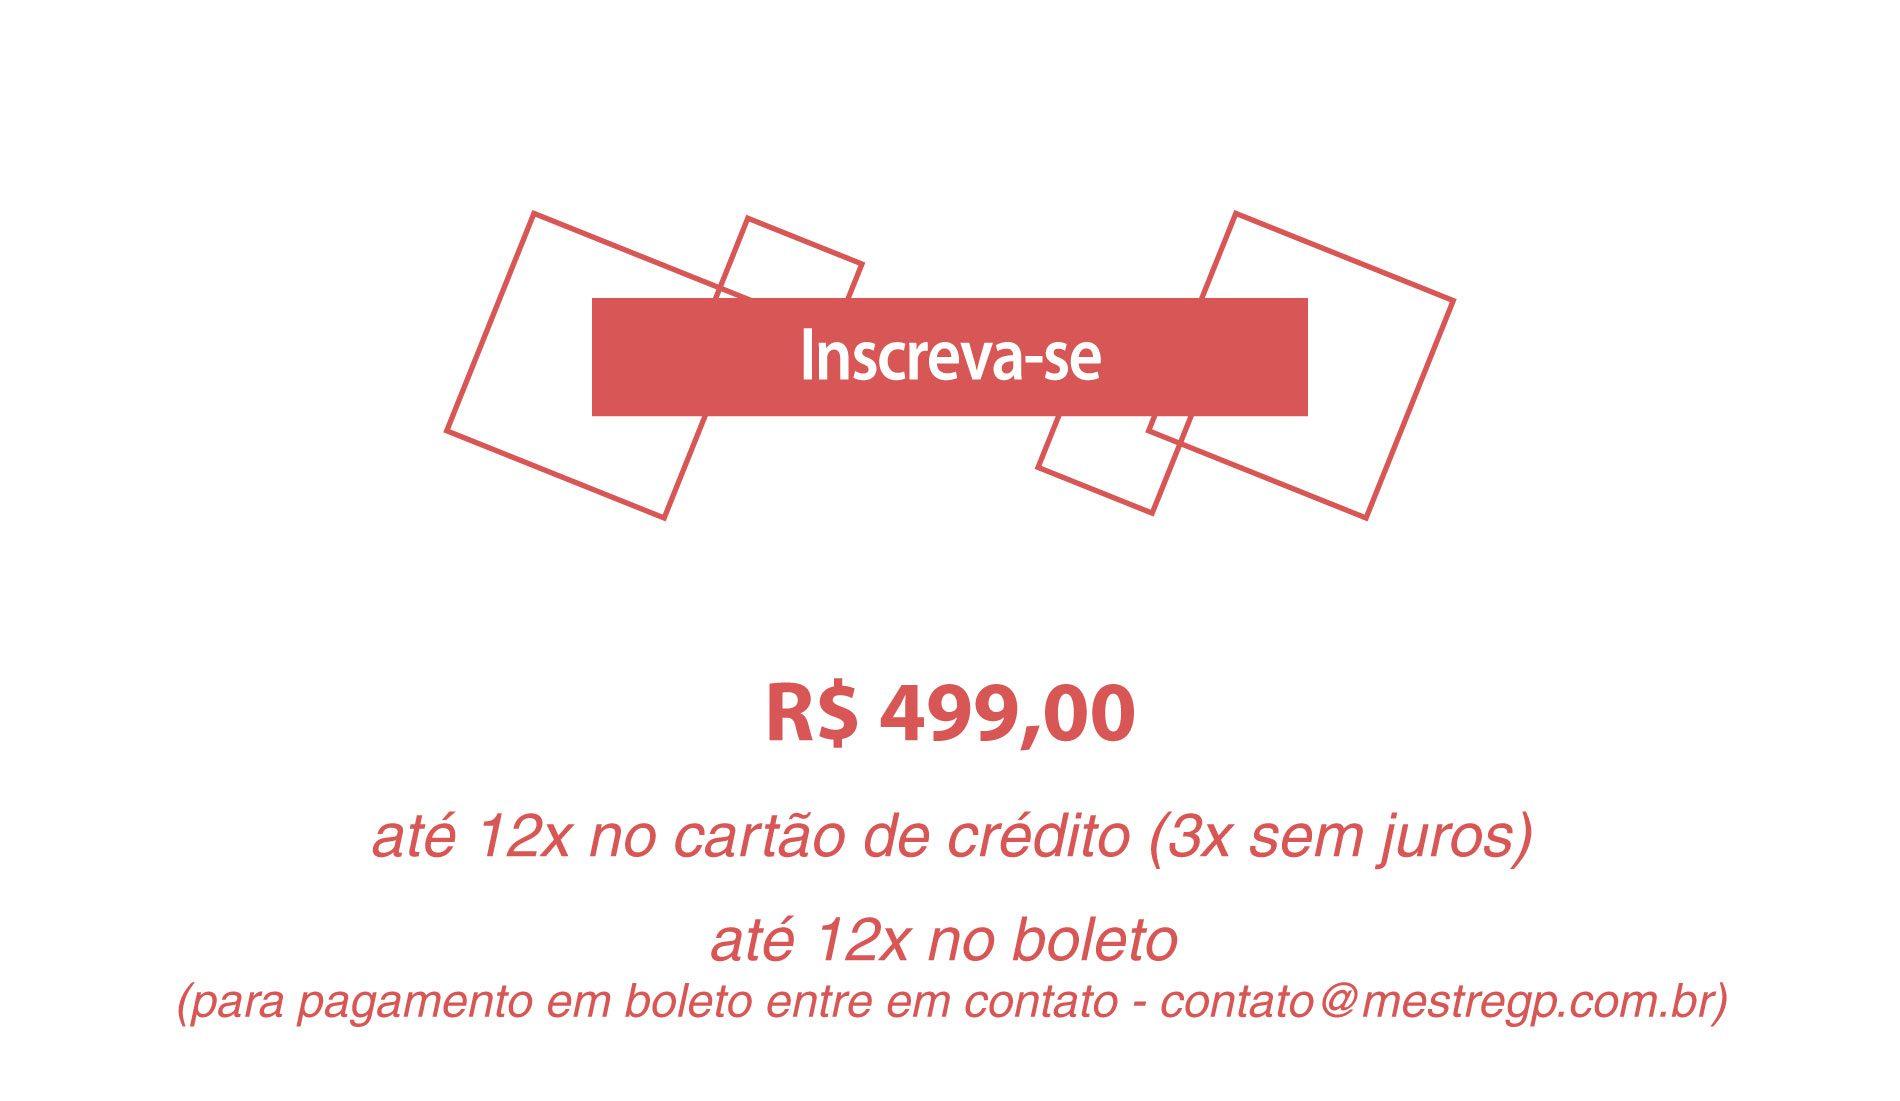 https://www.mestregp.com.br/wp-content/uploads/2018/03/Pagina-CdE-Gestão-de-Conteúdo-b-Inscrevase-1900x1101.jpg